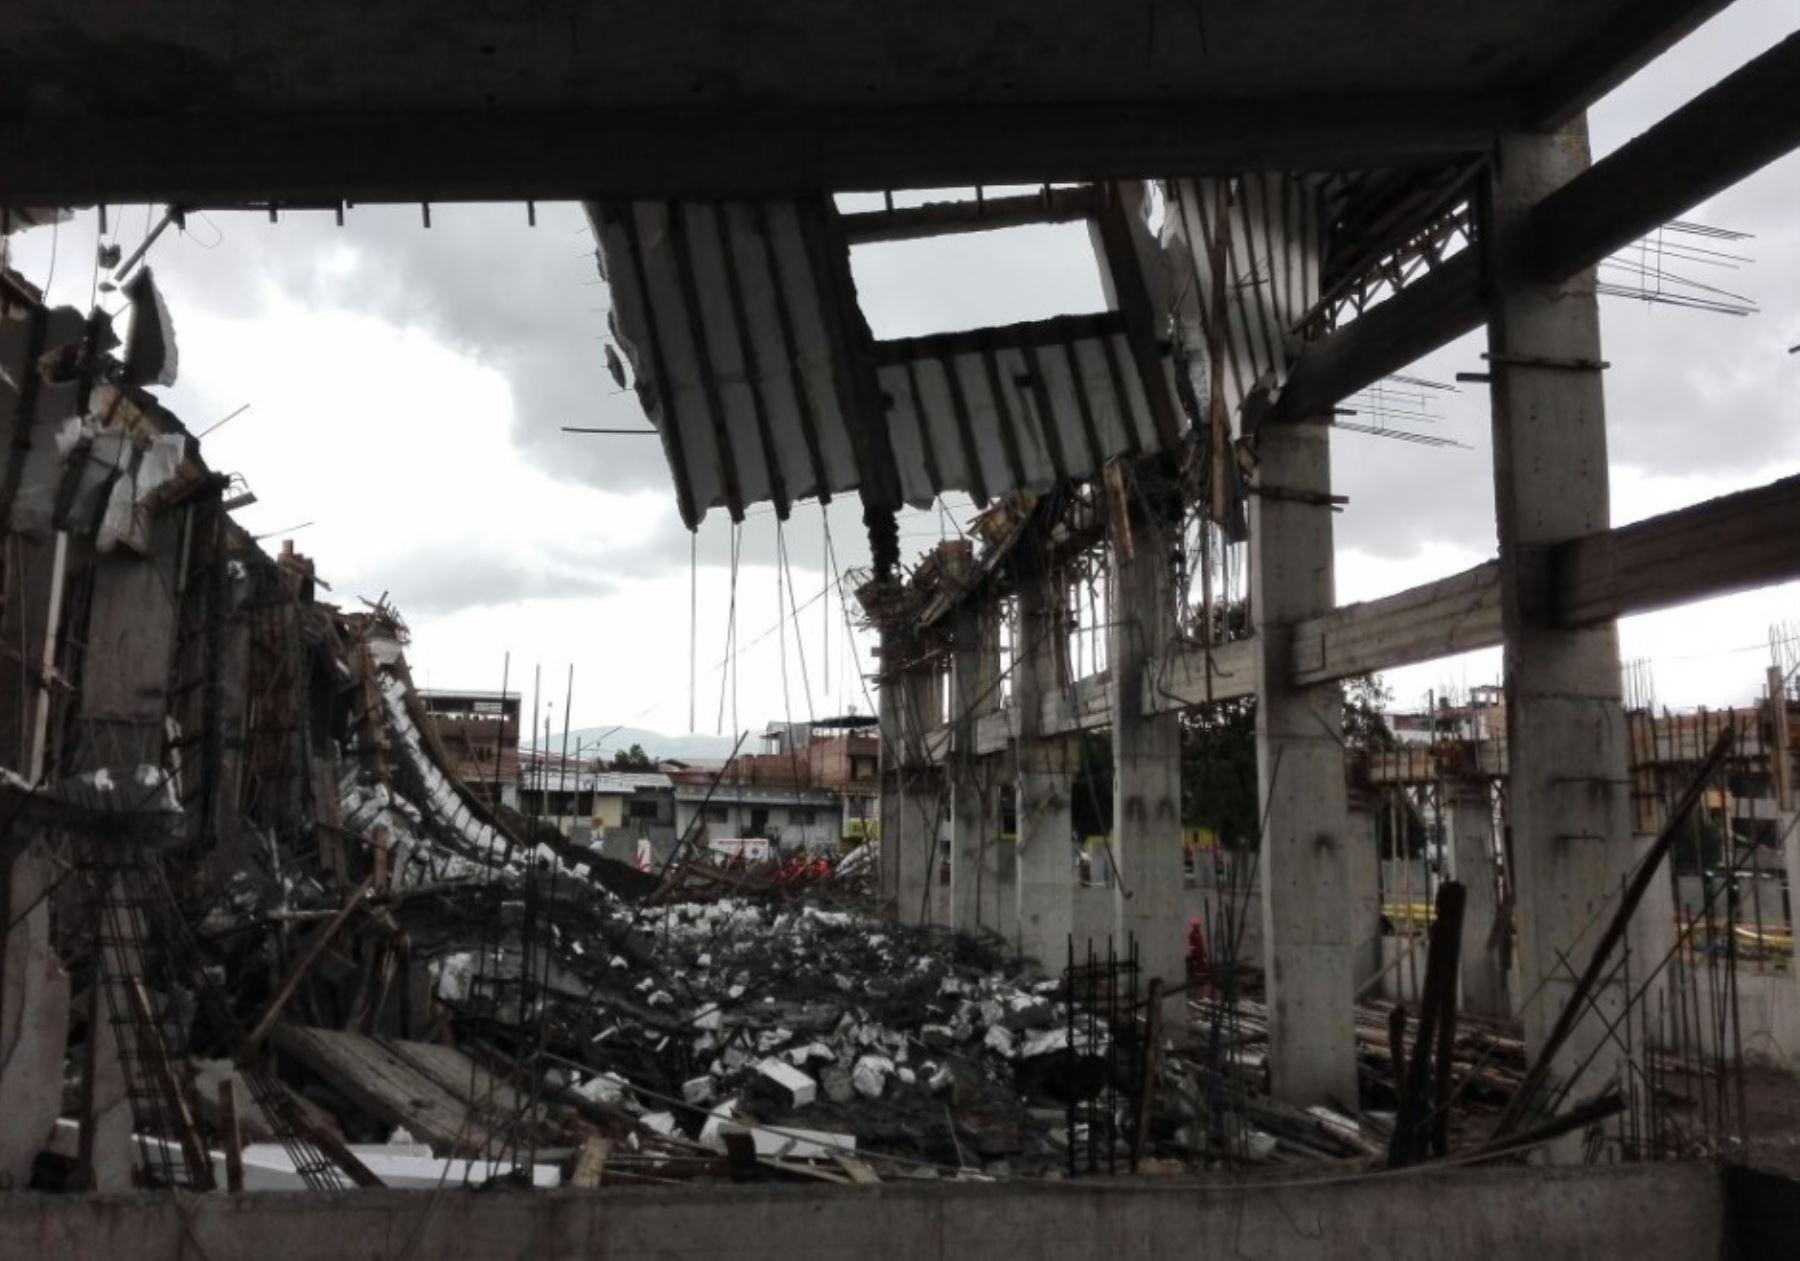 Techo colapsa y deja nueve heridos — Baños del Inca